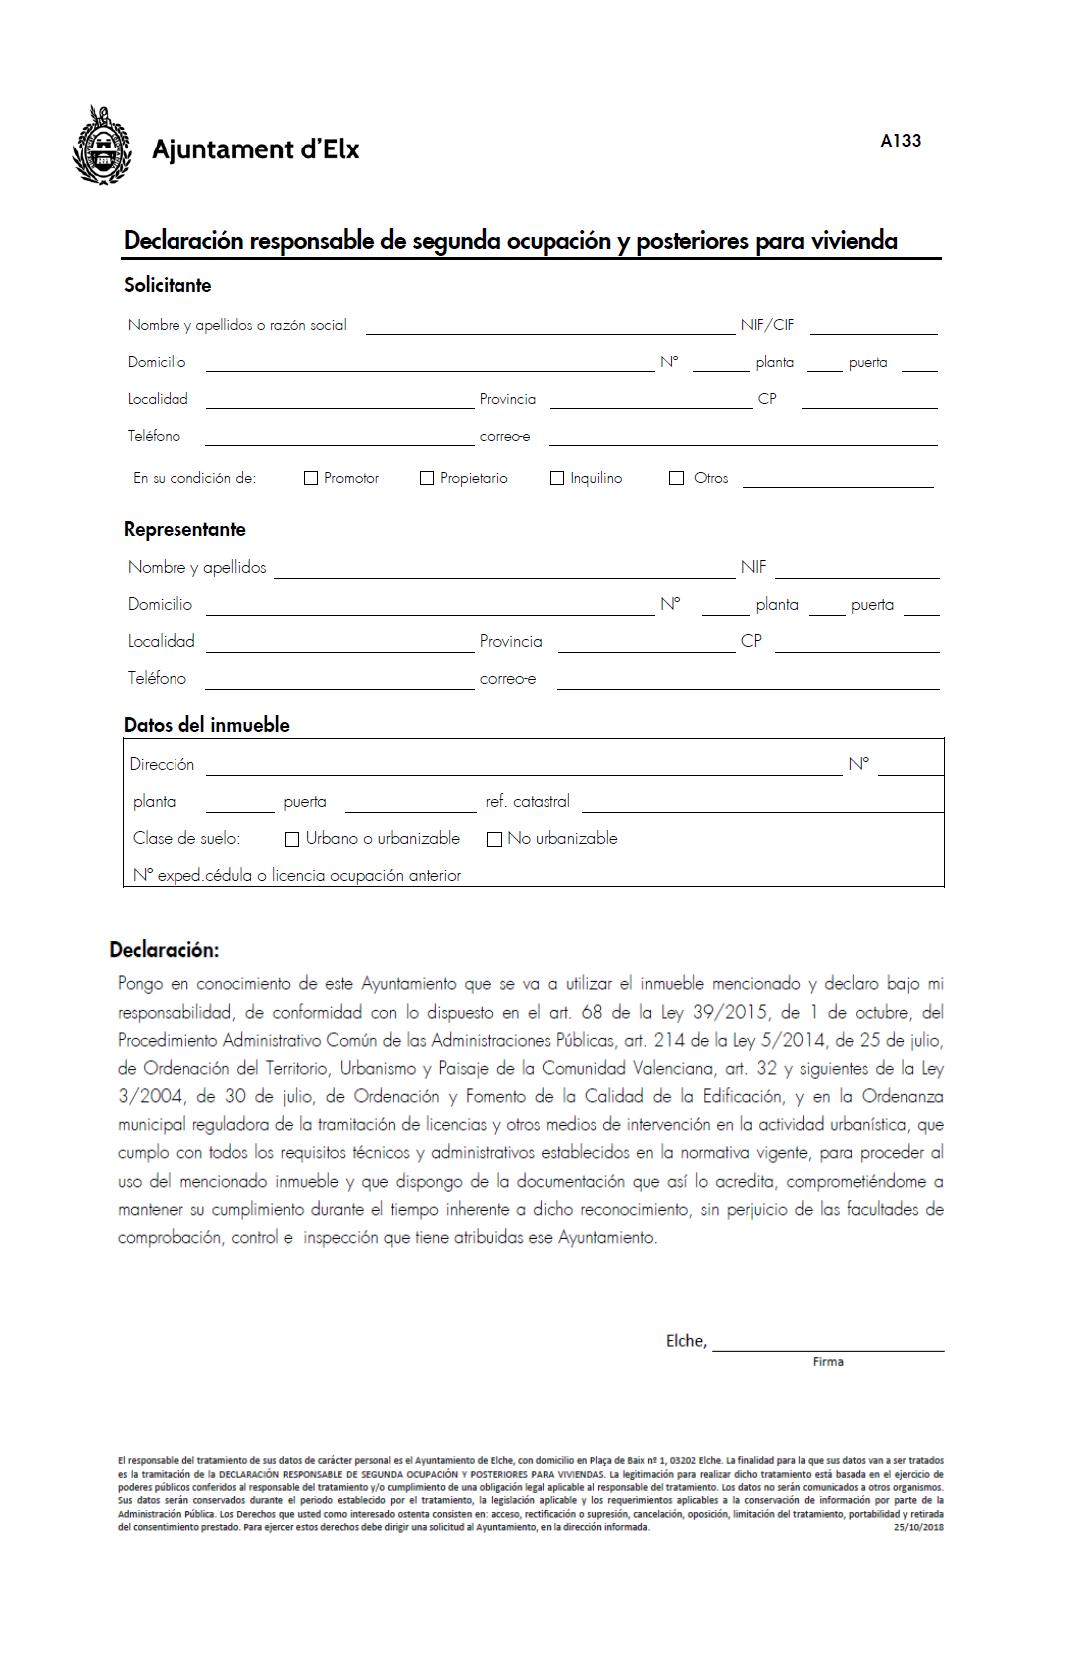 Impreso Declaración Responsable Segunda Ocupación Elche/Elx